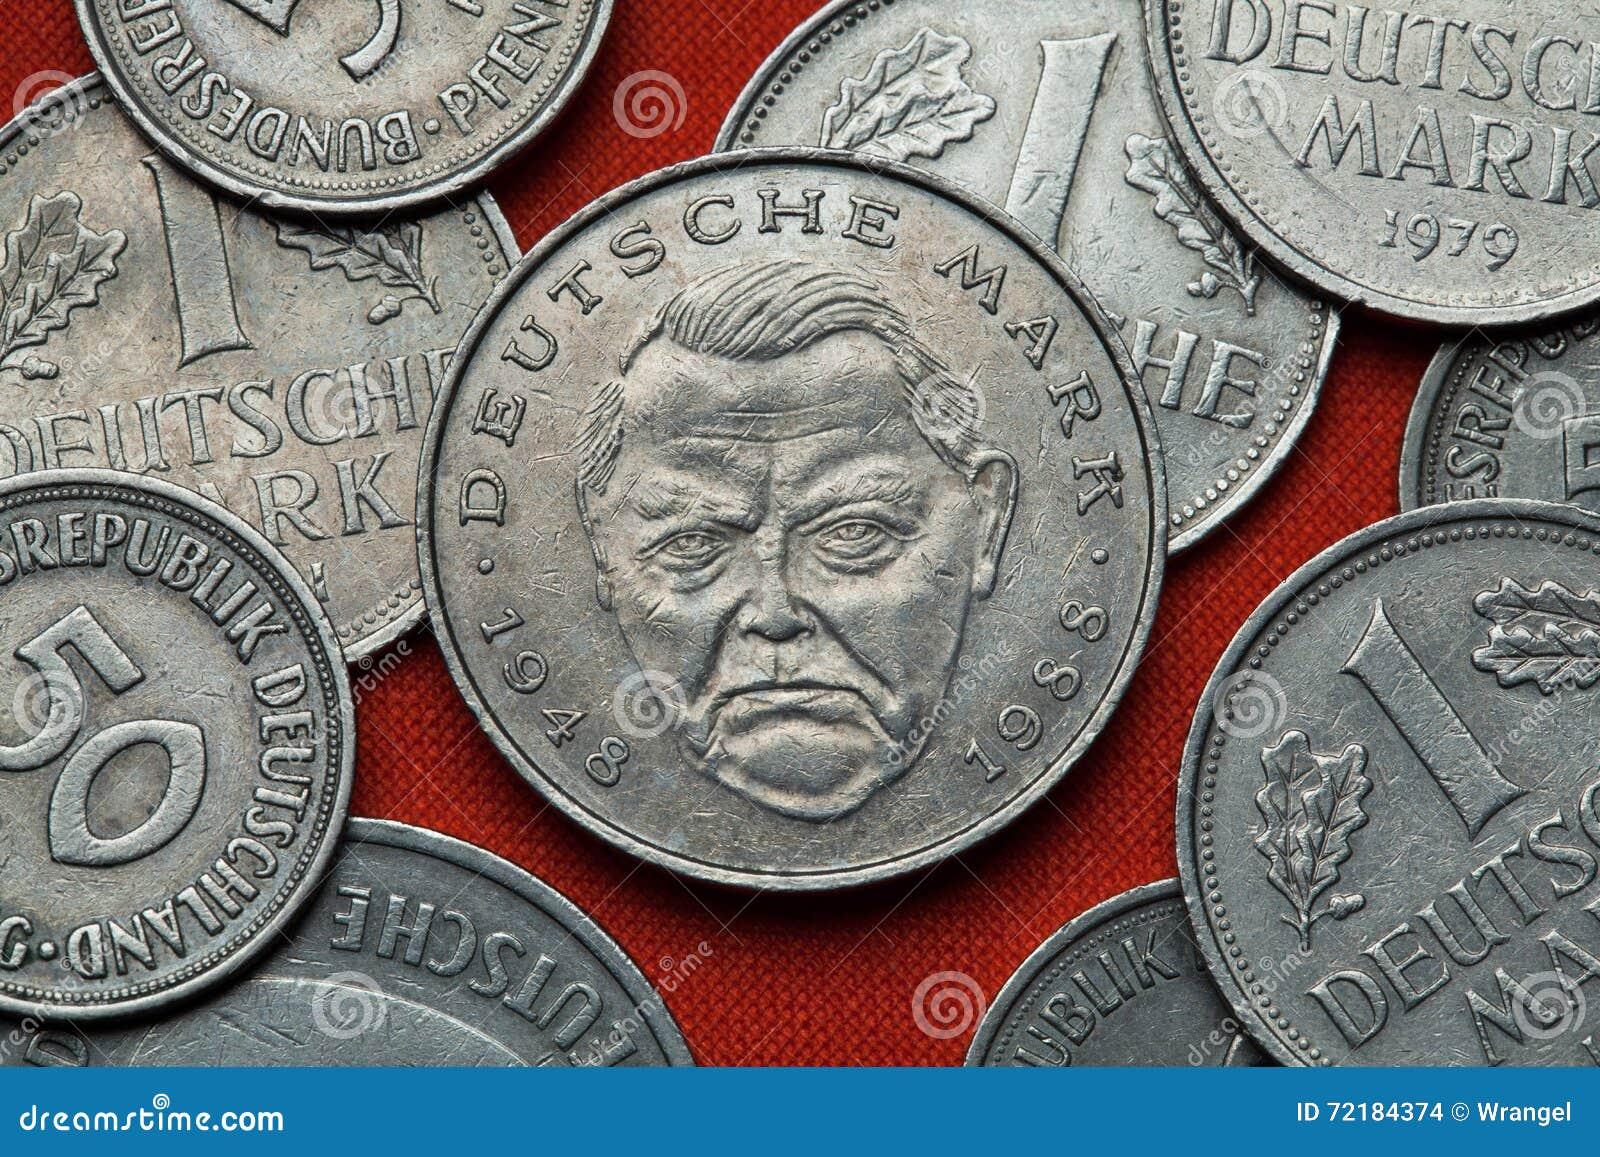 德国的硬币 德国政客路德维希・艾哈德